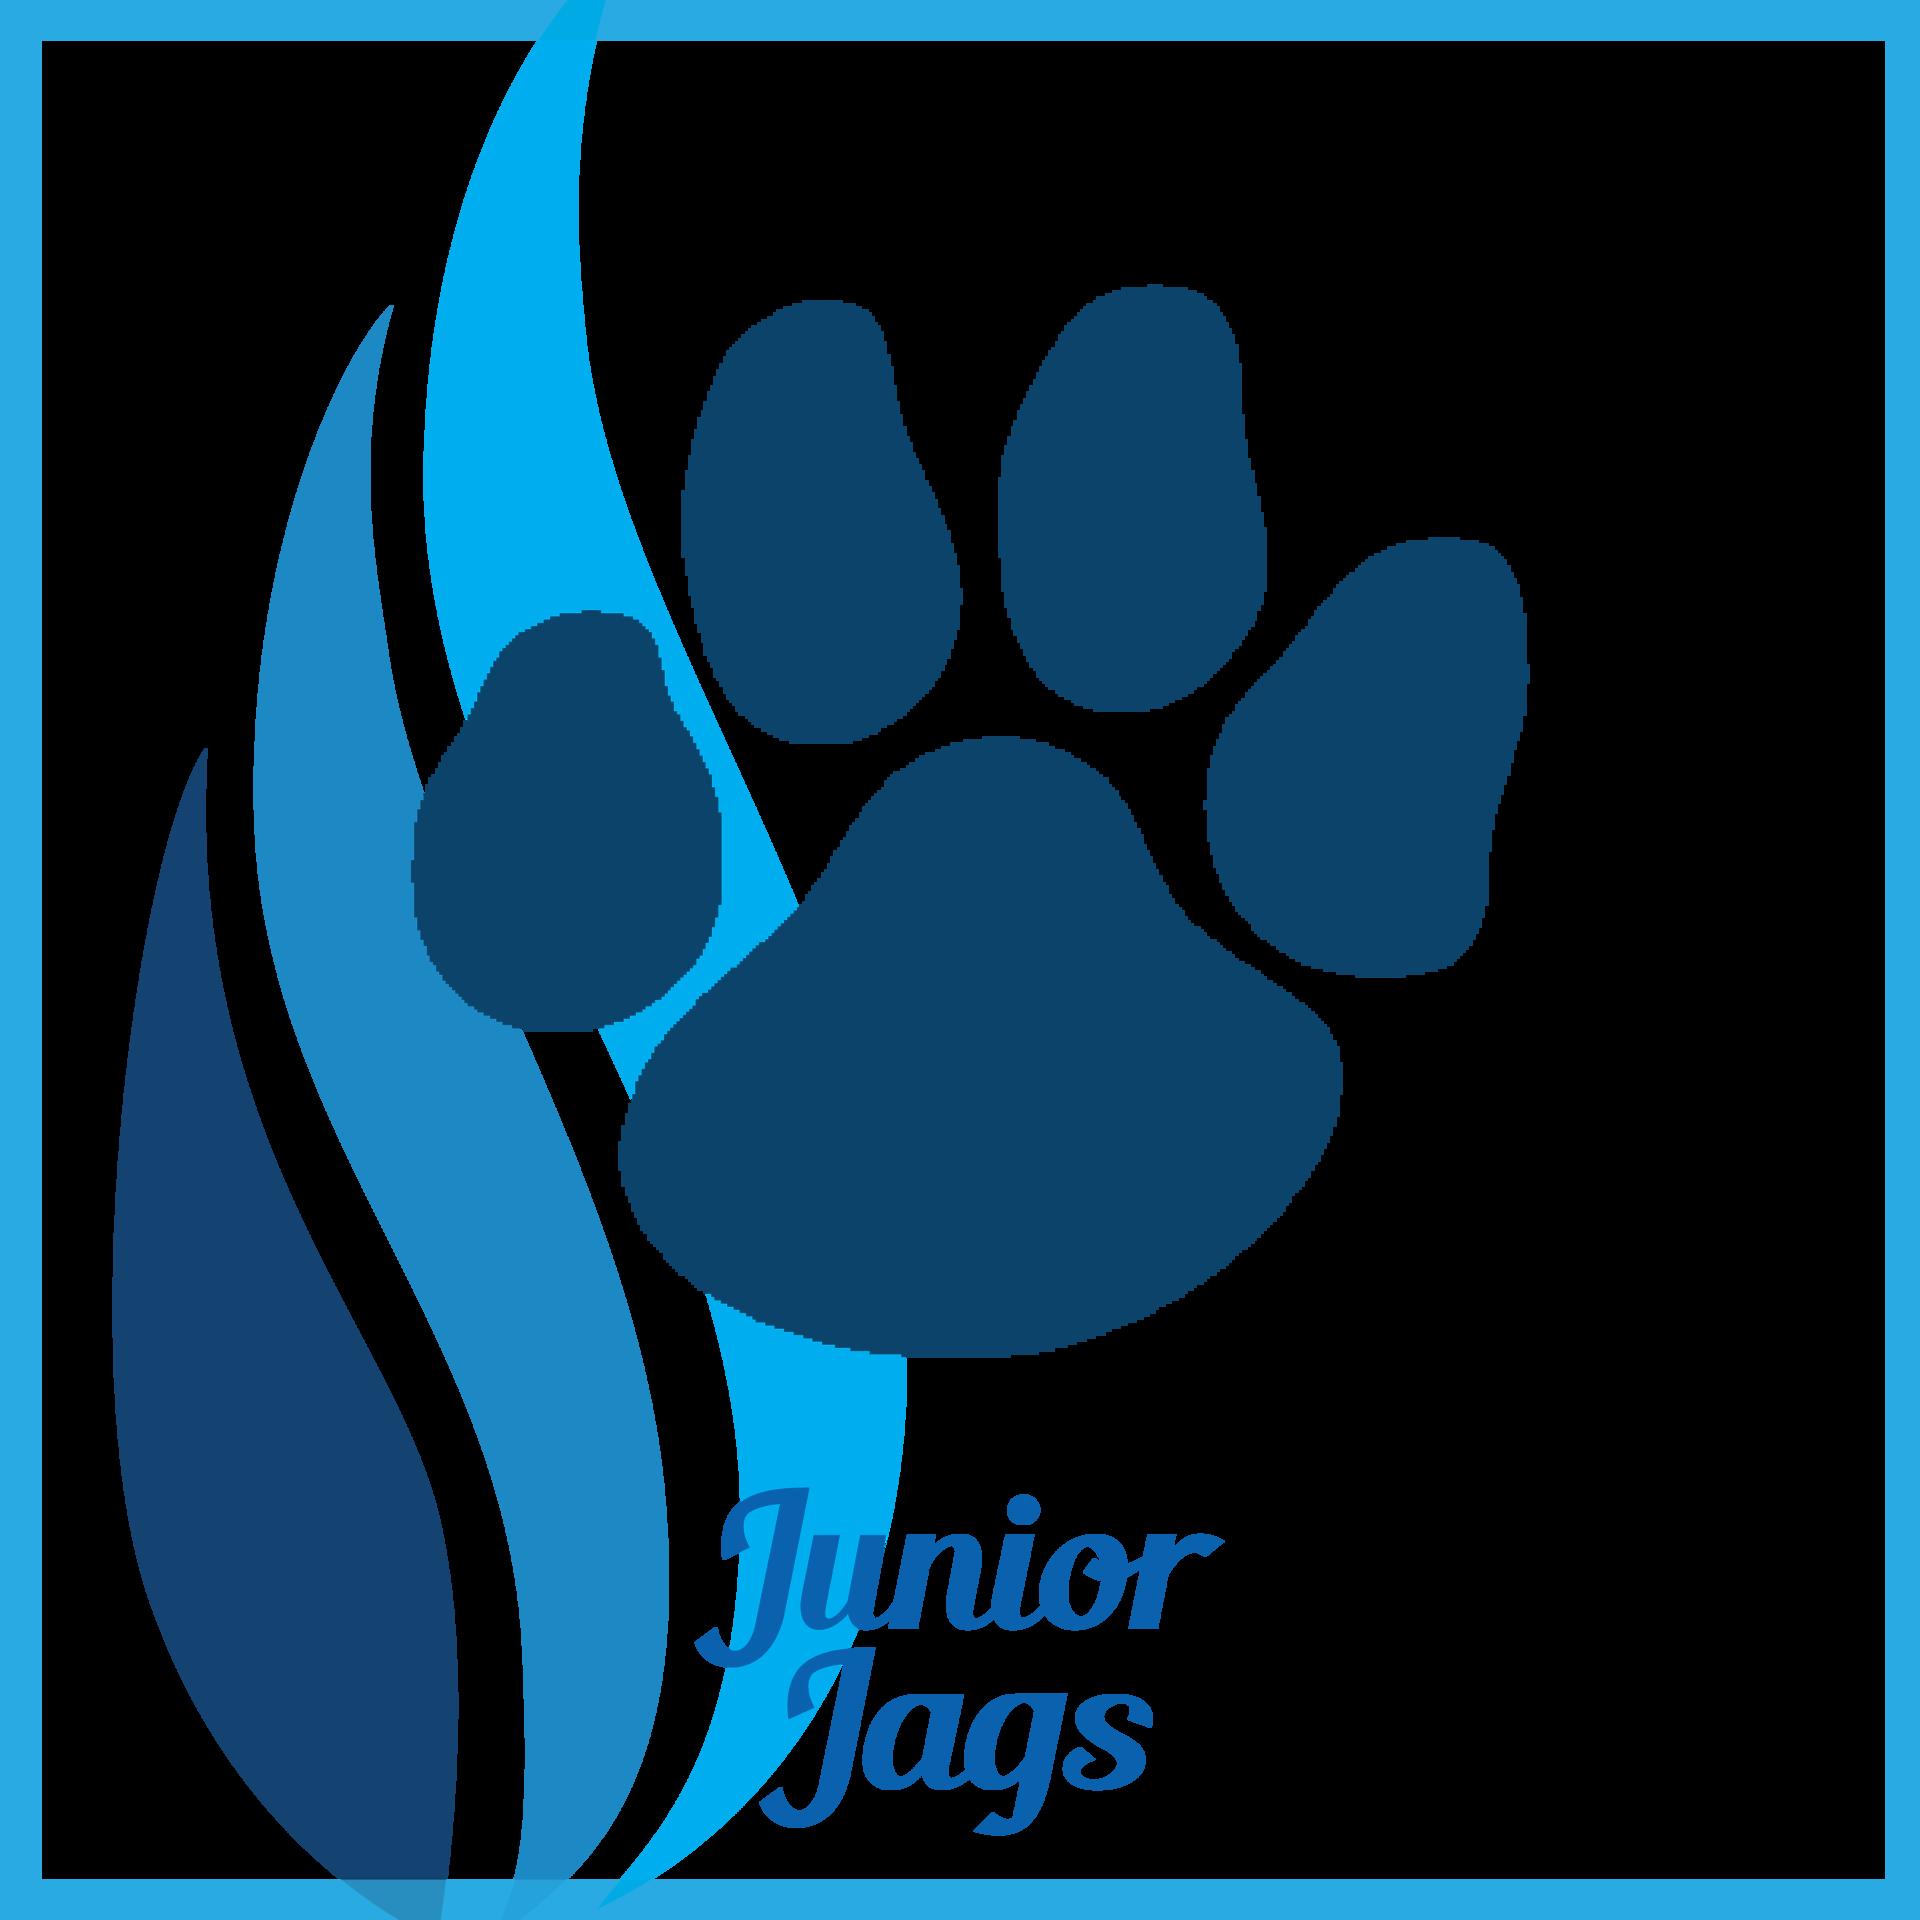 Junior Jags